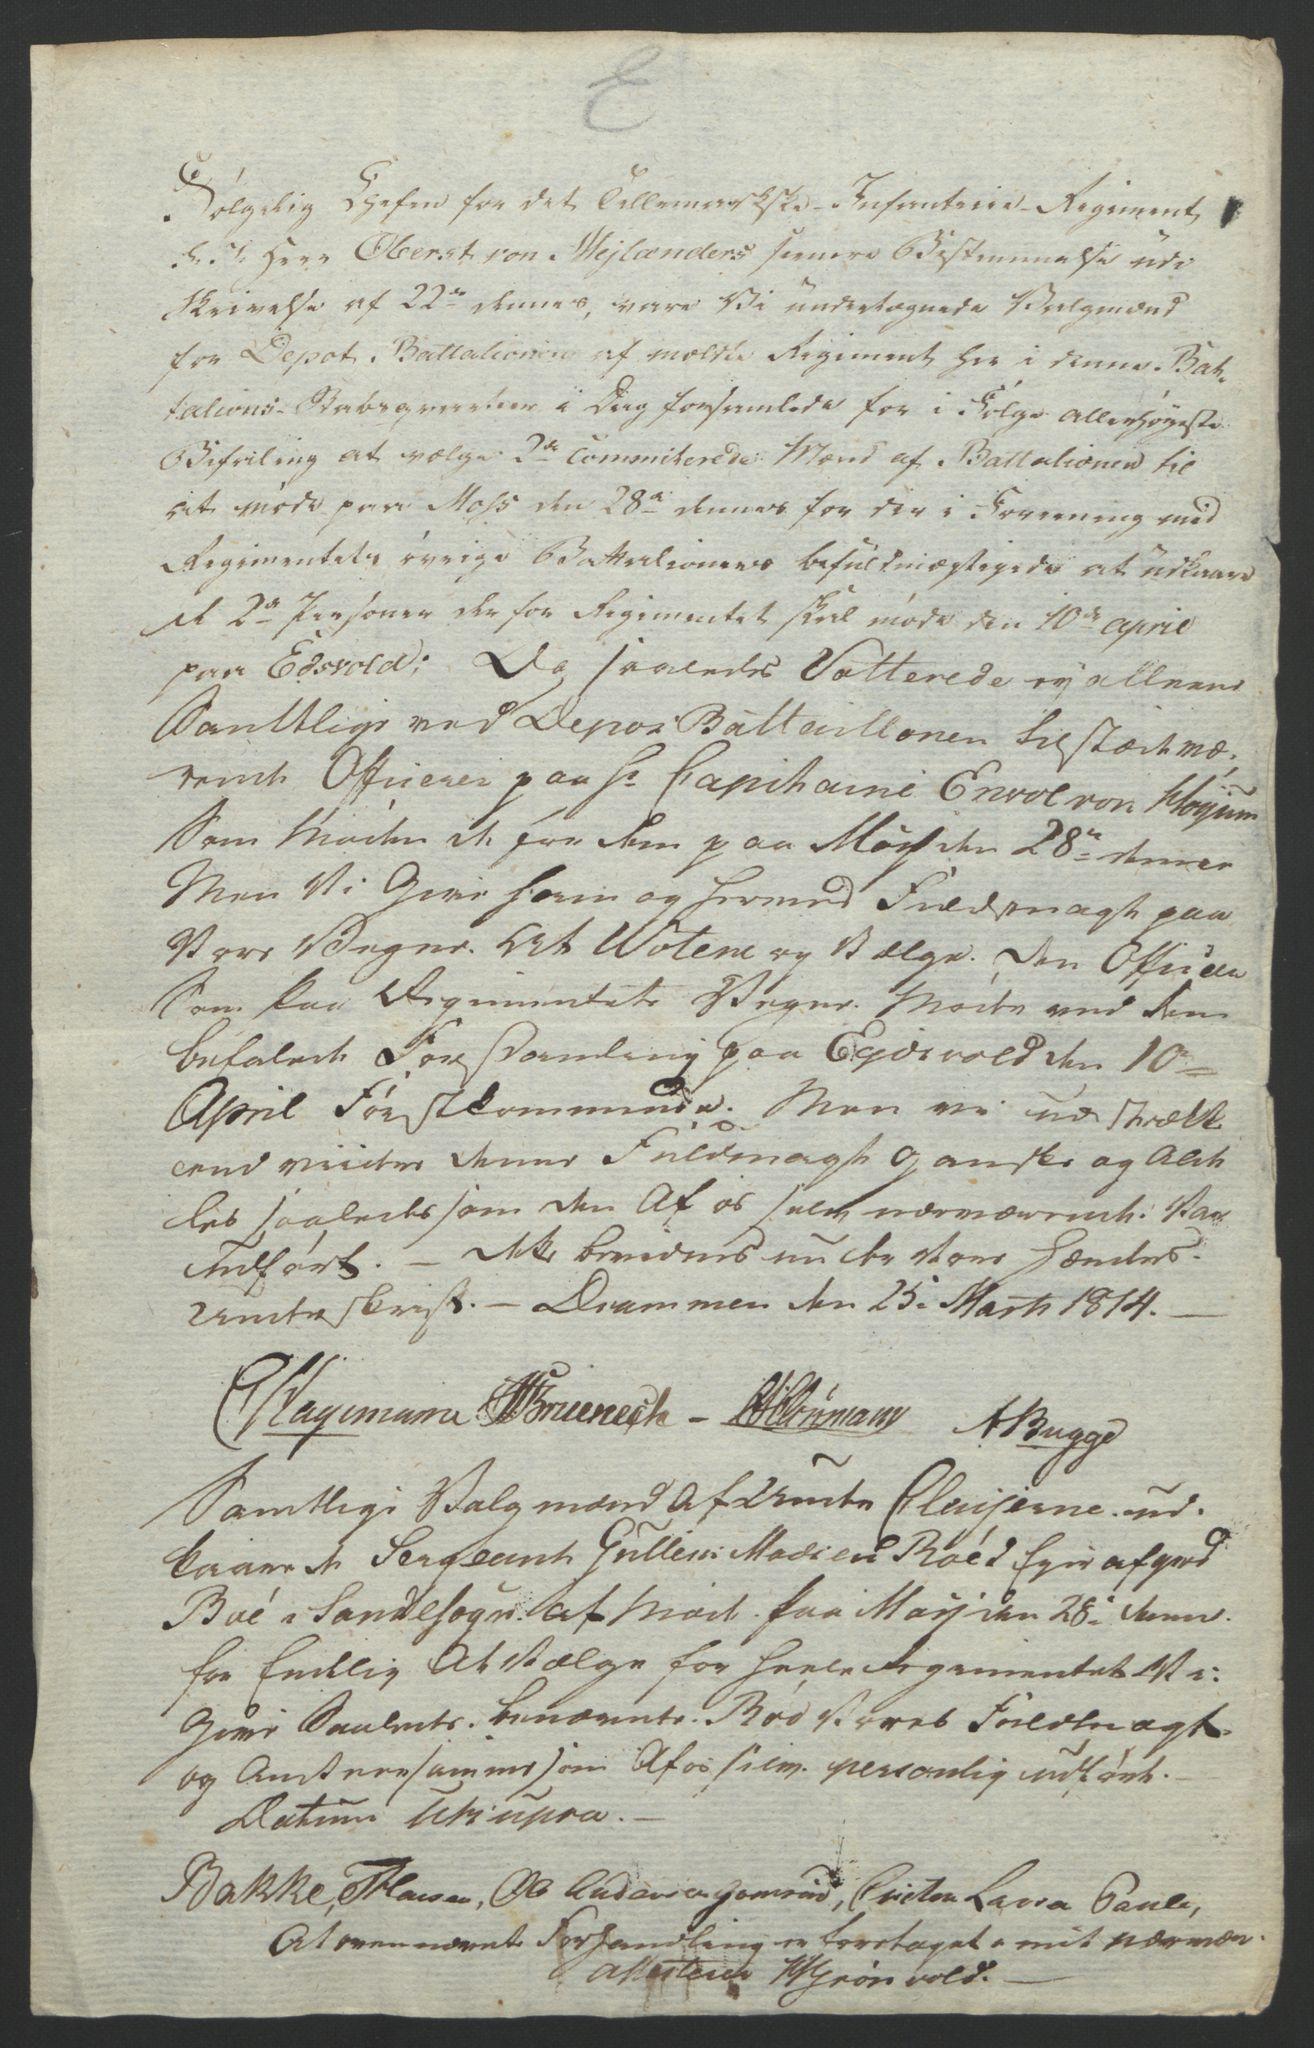 RA, Statsrådssekretariatet, D/Db/L0007: Fullmakter for Eidsvollsrepresentantene i 1814. , 1814, s. 106